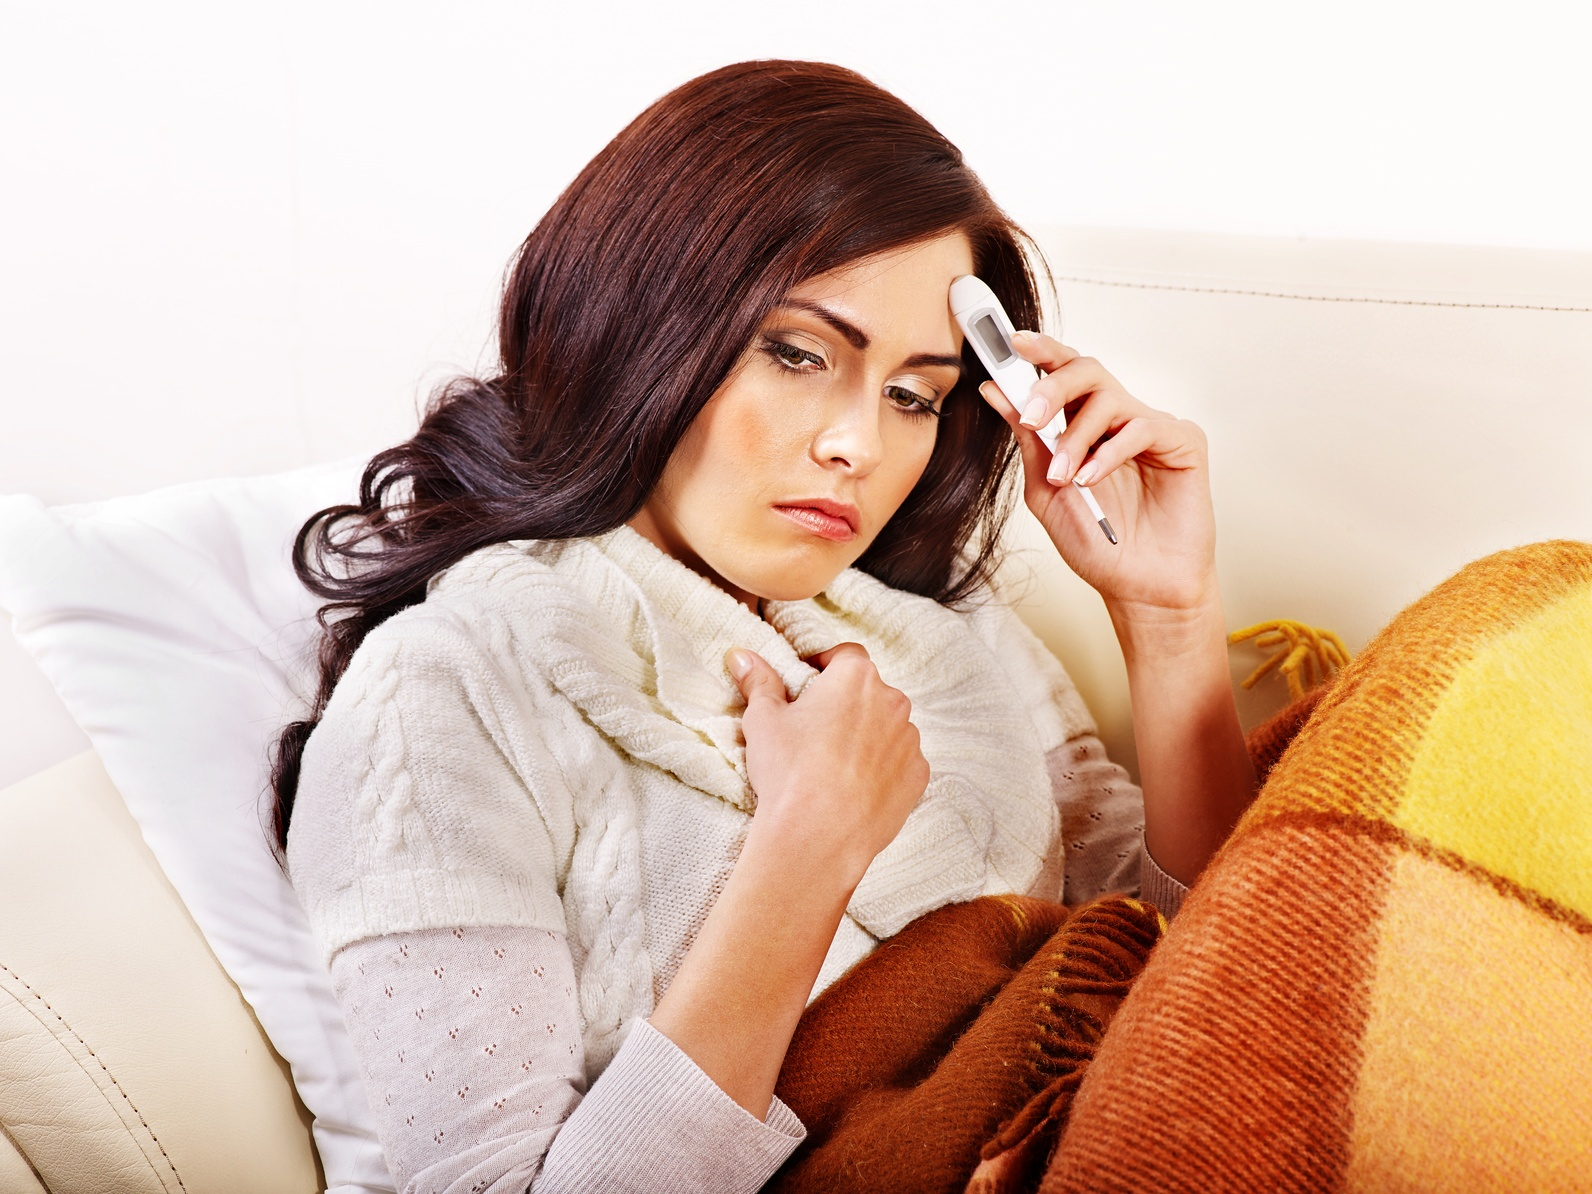 Простуда без температуры — как лечить: медикаментозные препараты, антибиотики и народные рецепты